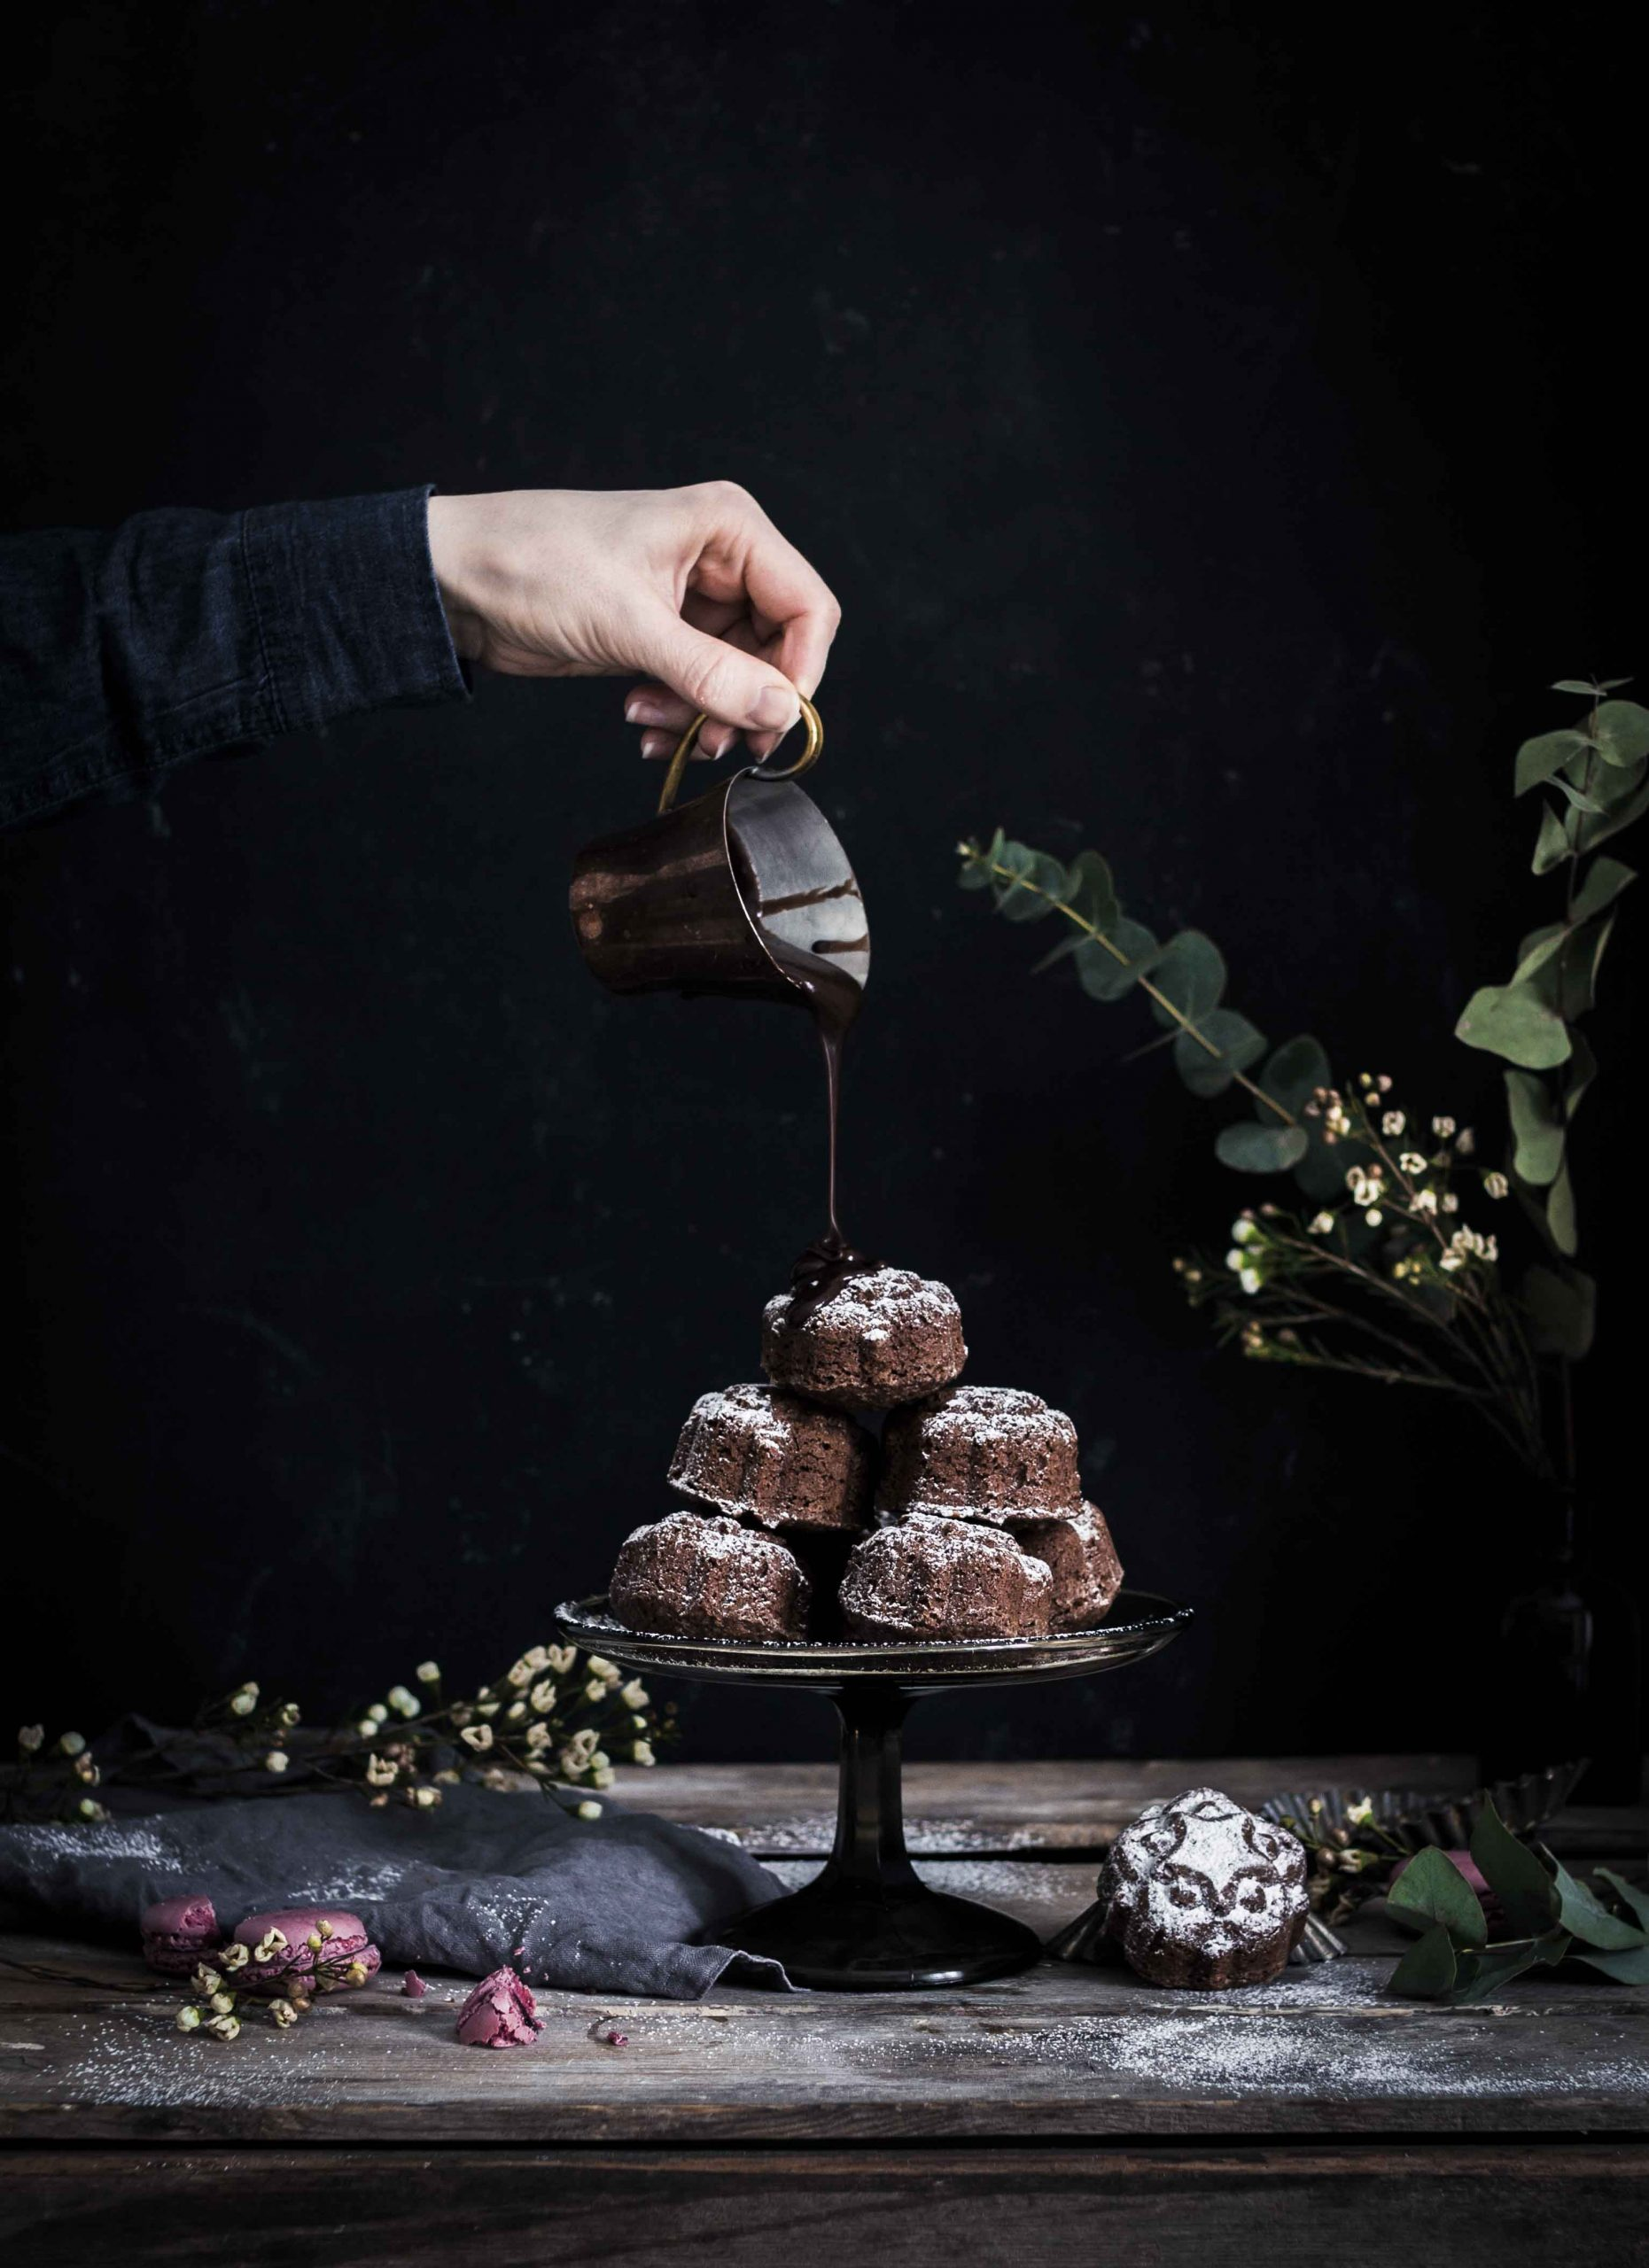 Mokkakakut valualumiinivuoka, Mocha cakes, cast aluminium pan, Emma Ivane, Heirol, Collection